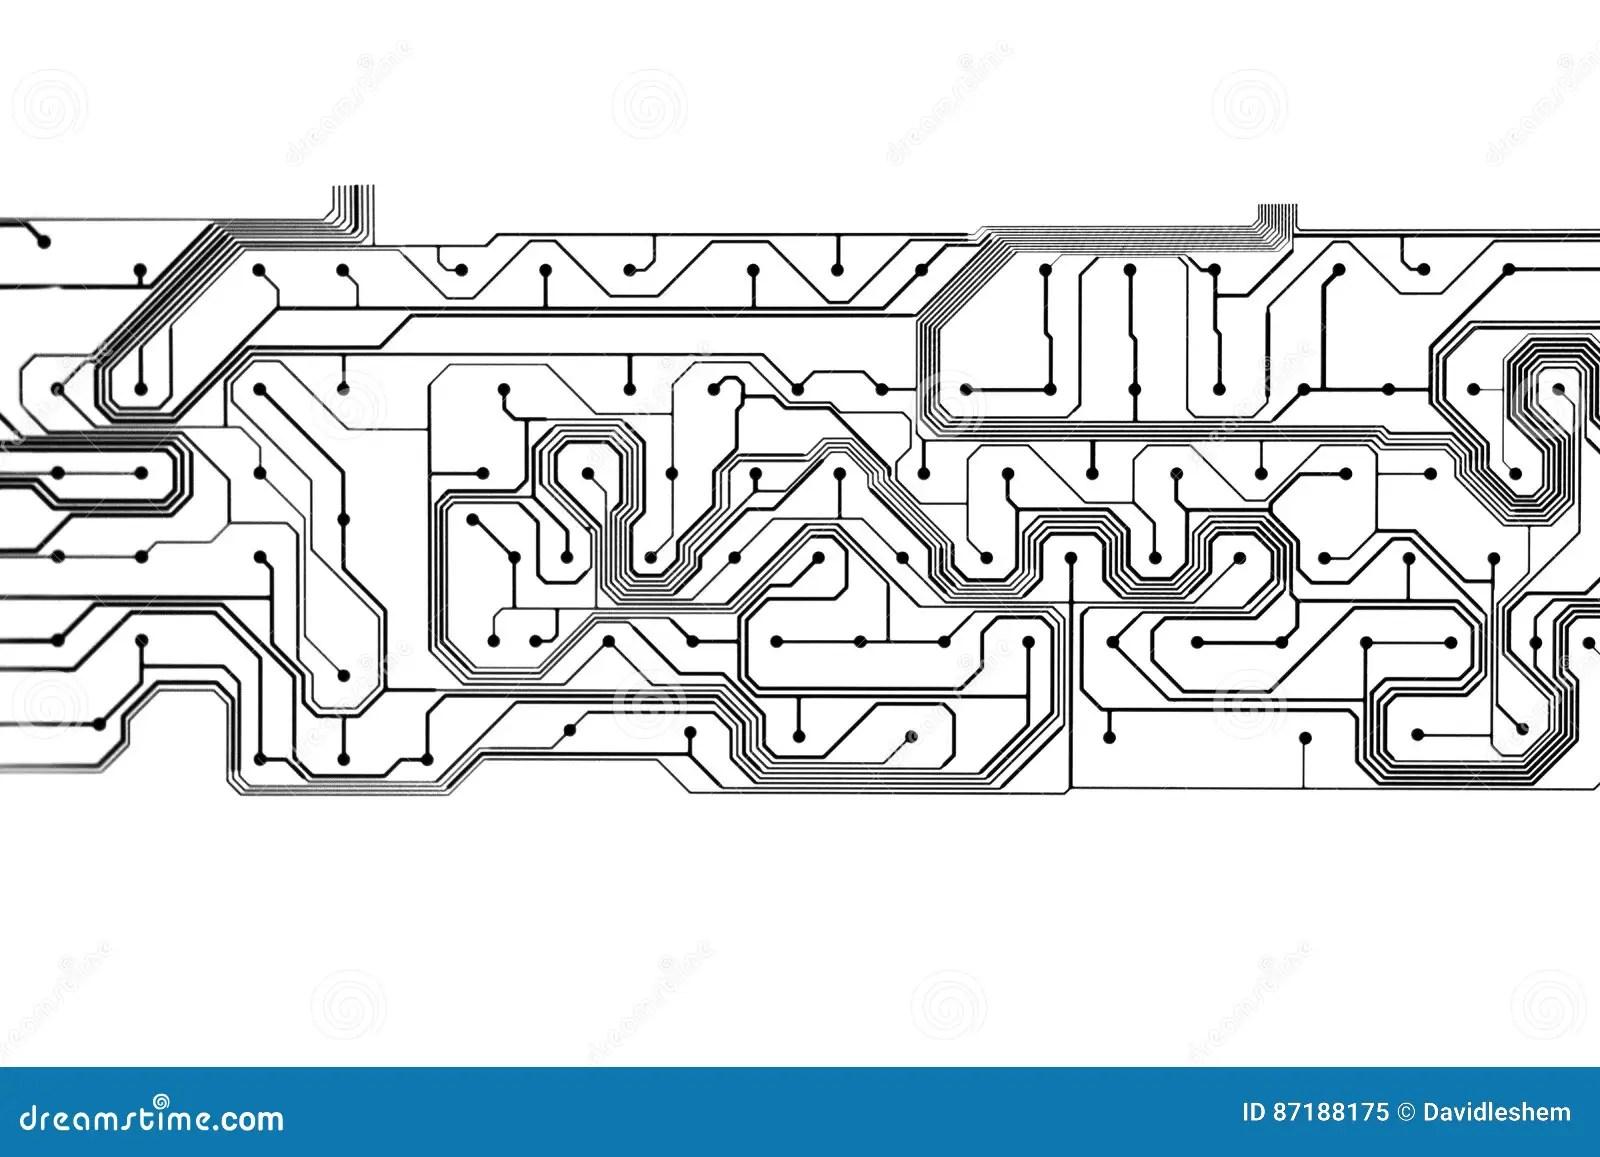 Printed Circuit Board Circuit Diagram Software Royalty